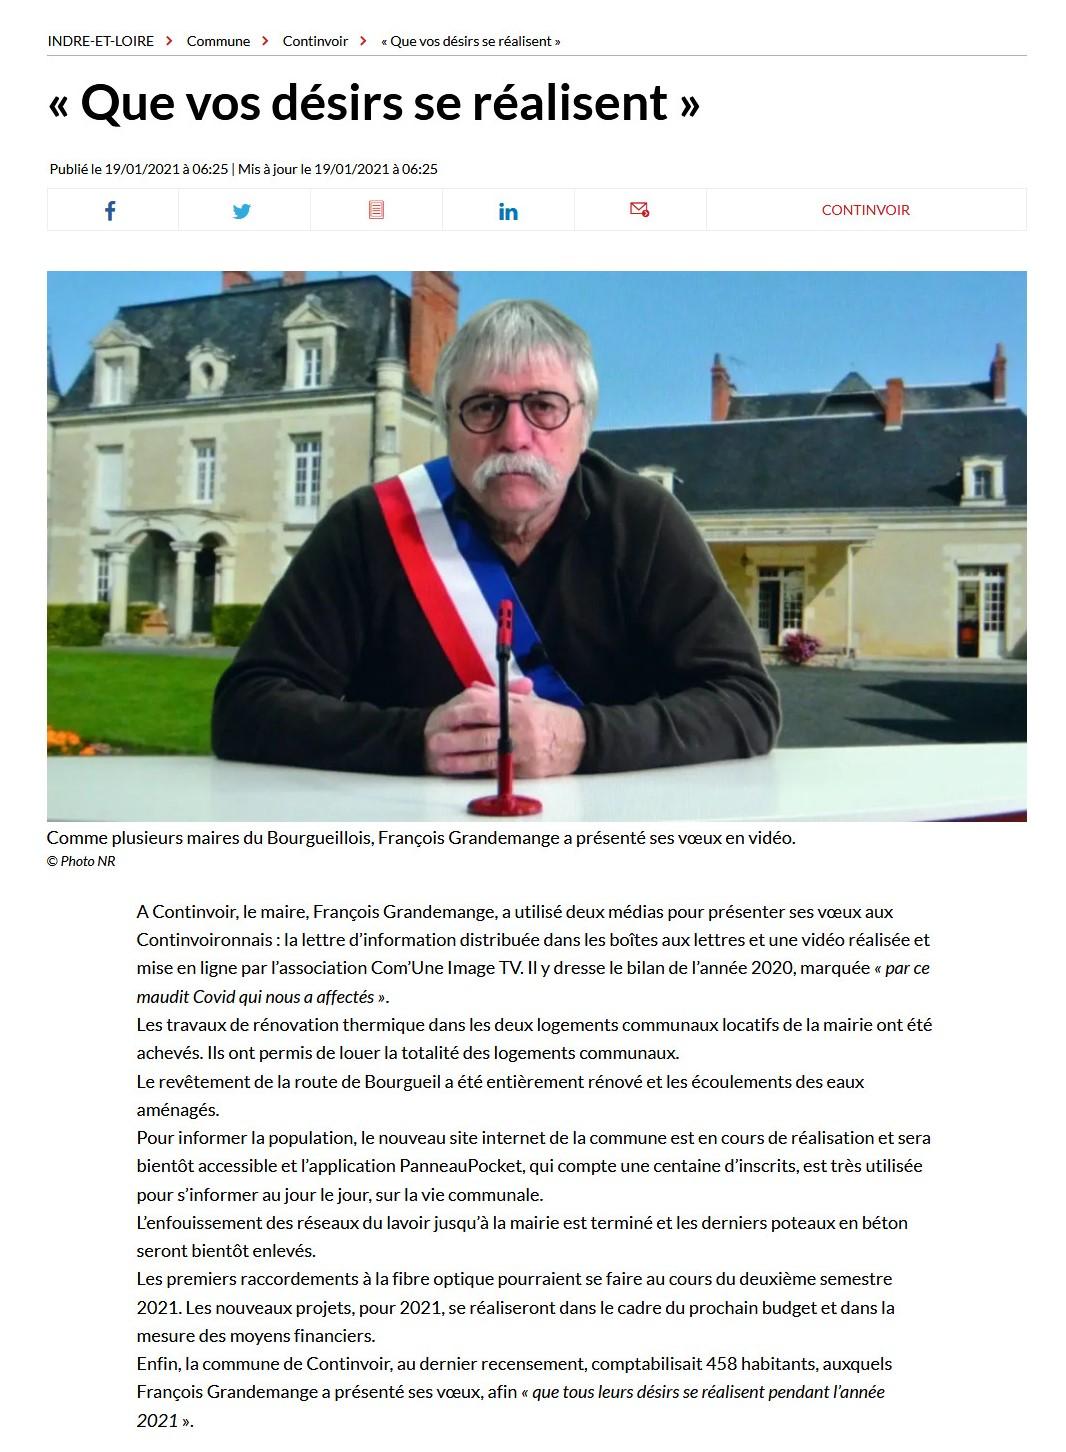 2021-01-19-Discours du maire continvoir Que vos désirs se réalisent ».jpg